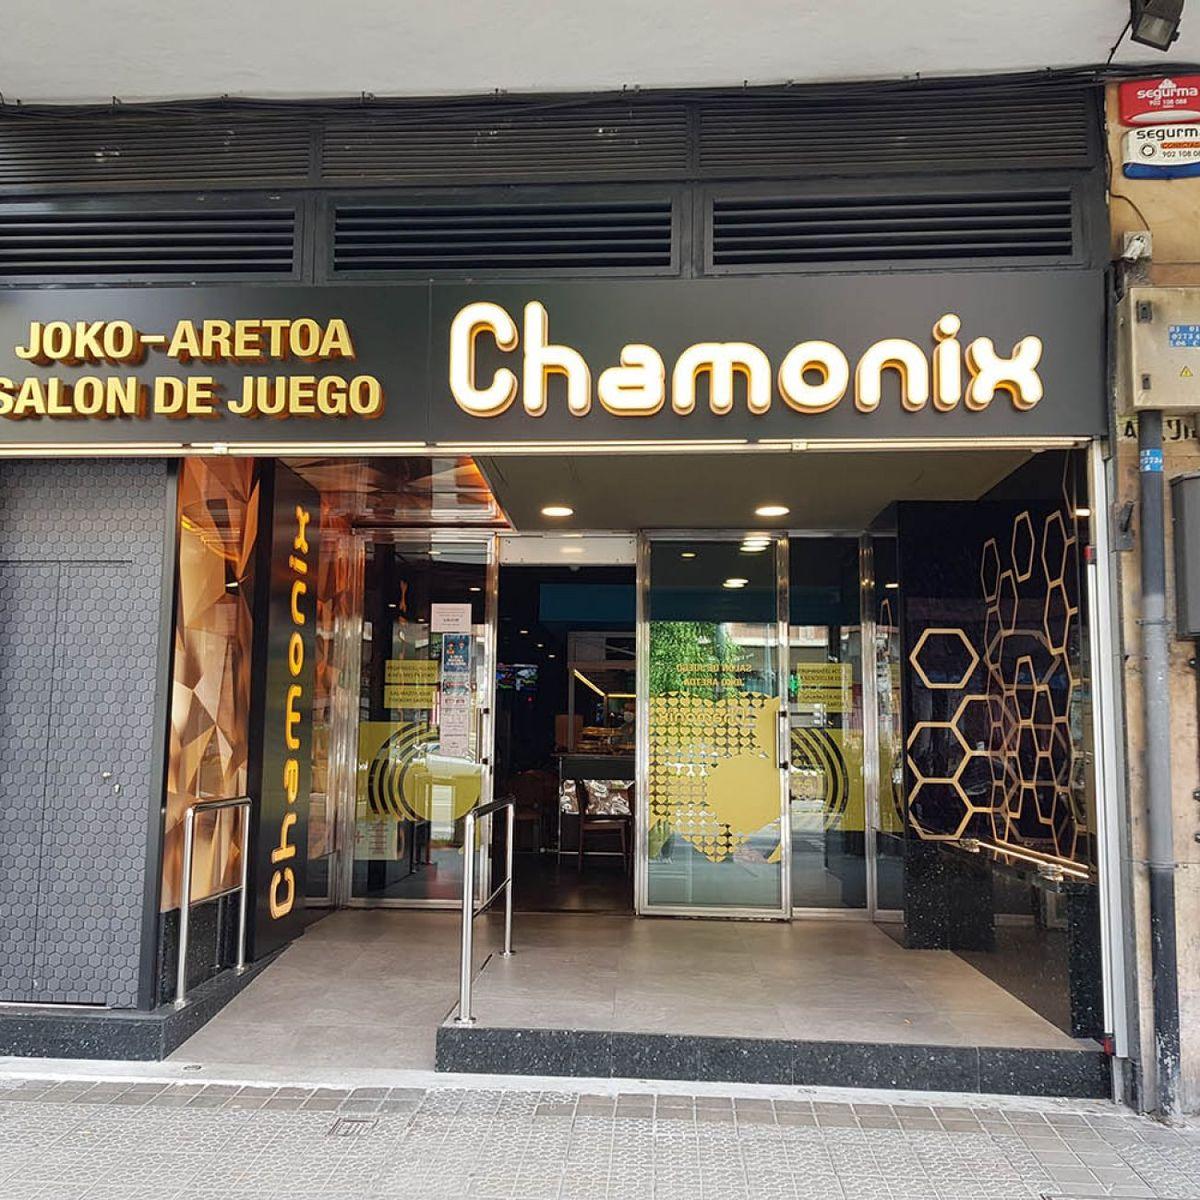 SALON DE JUEGO CHAMONIX EN DEUSTO